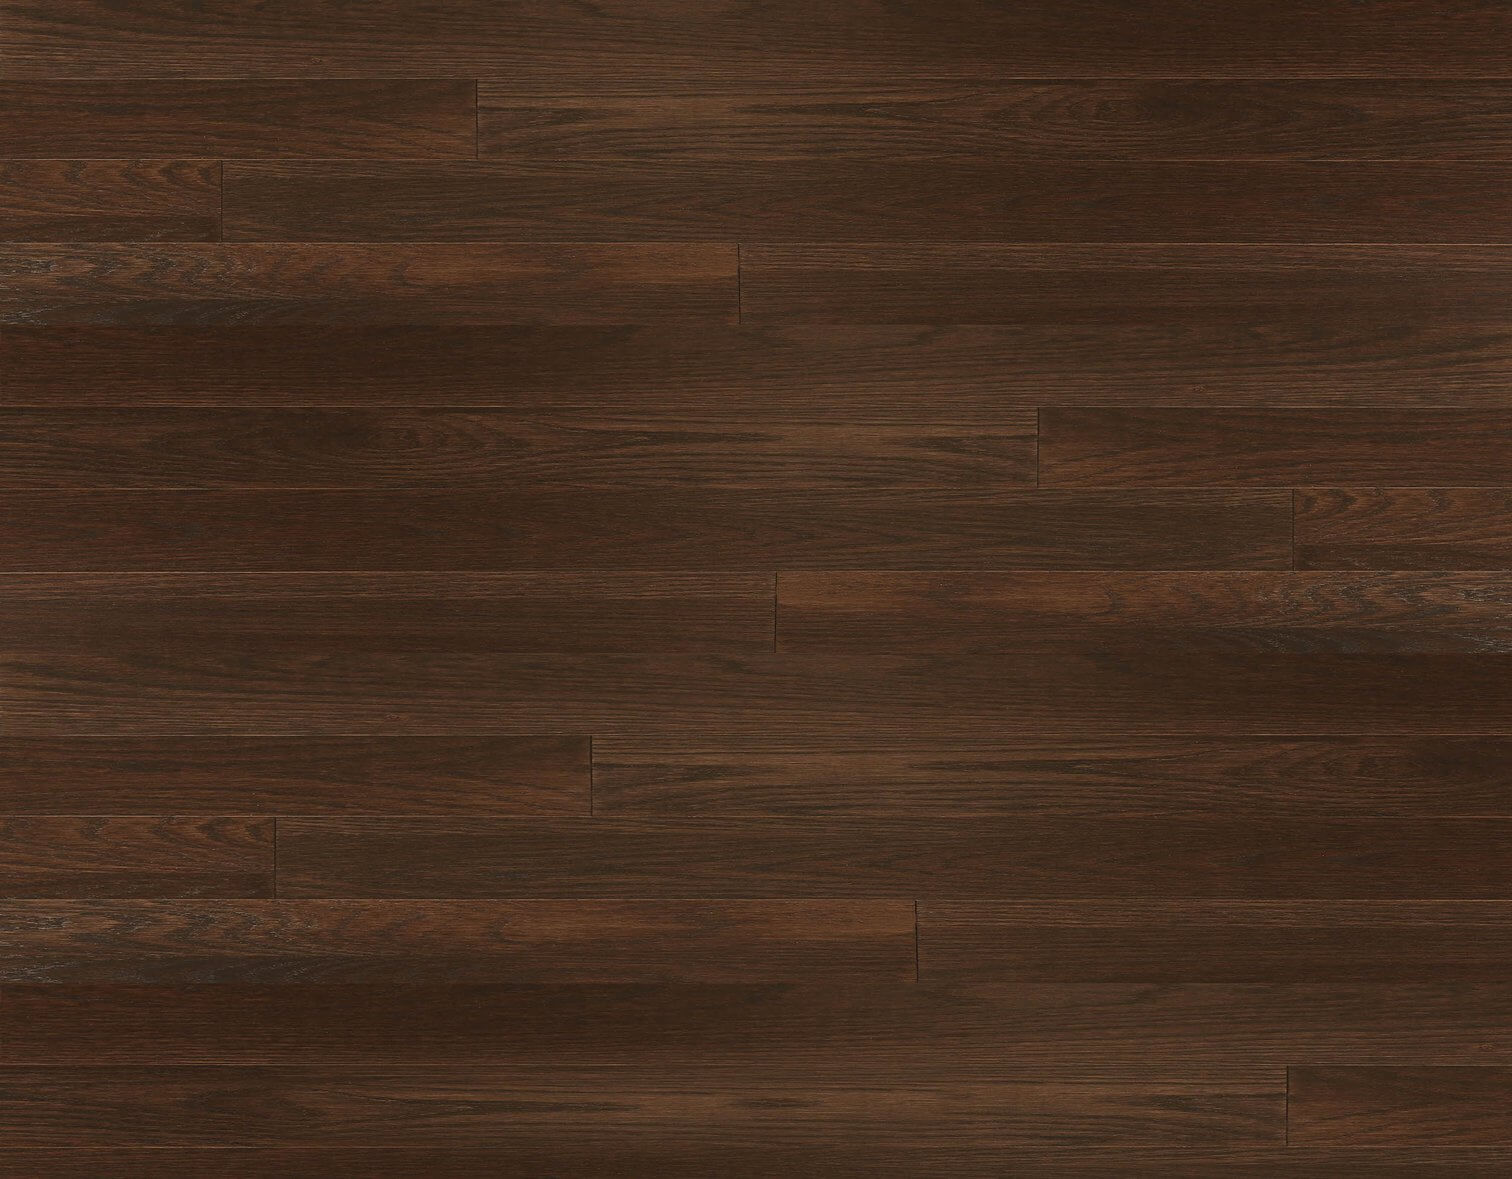 Umber Originals Hardwood Plank | Wallplanks